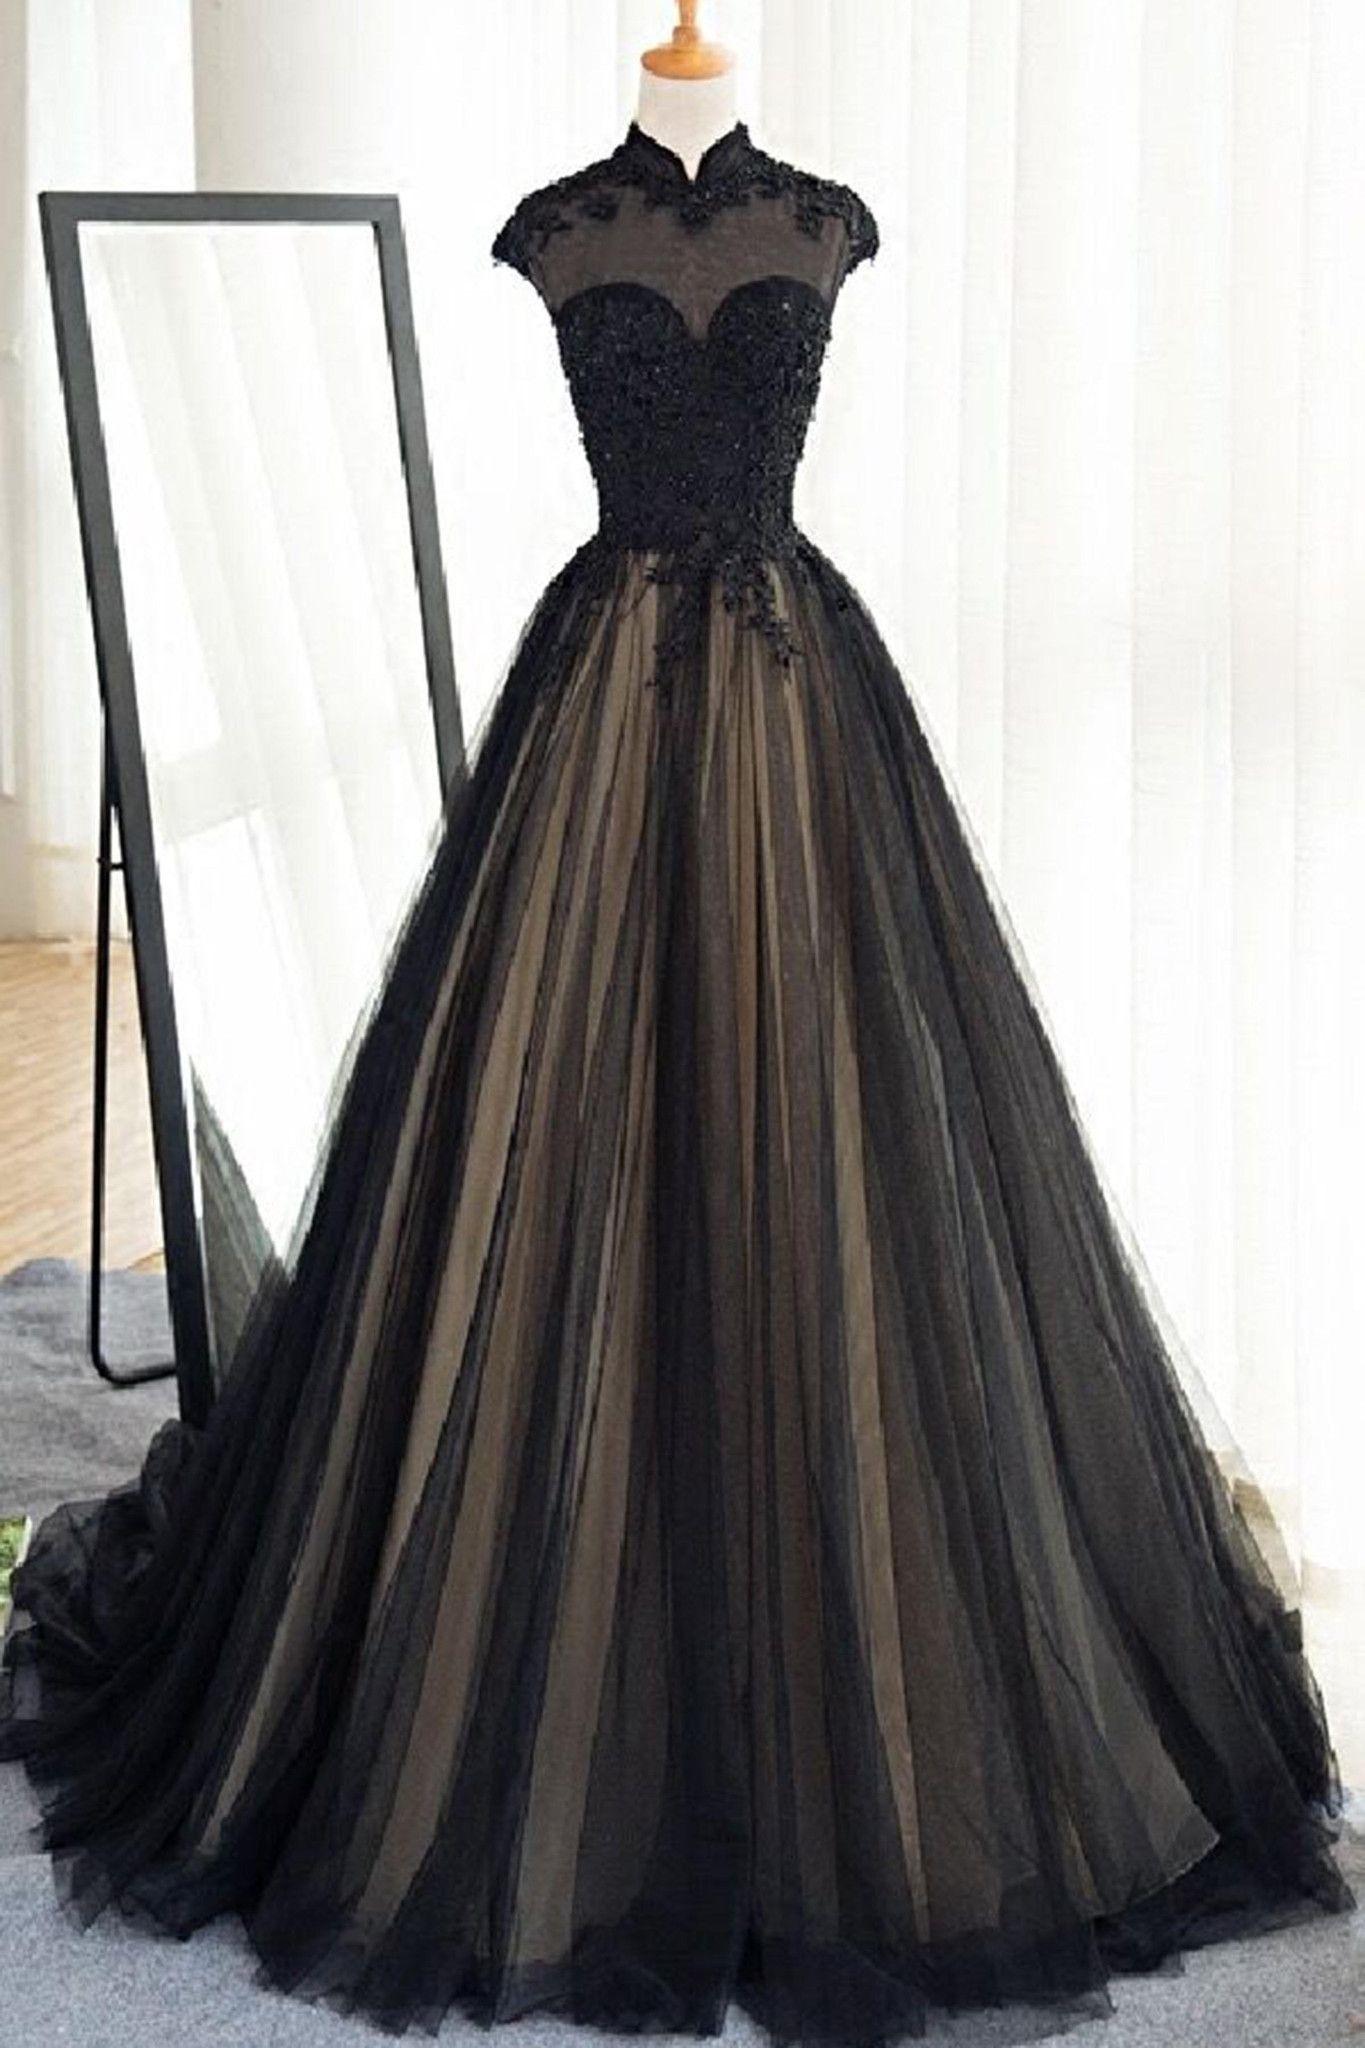 schön ballkleid schwarz lang boutique | ballkleid